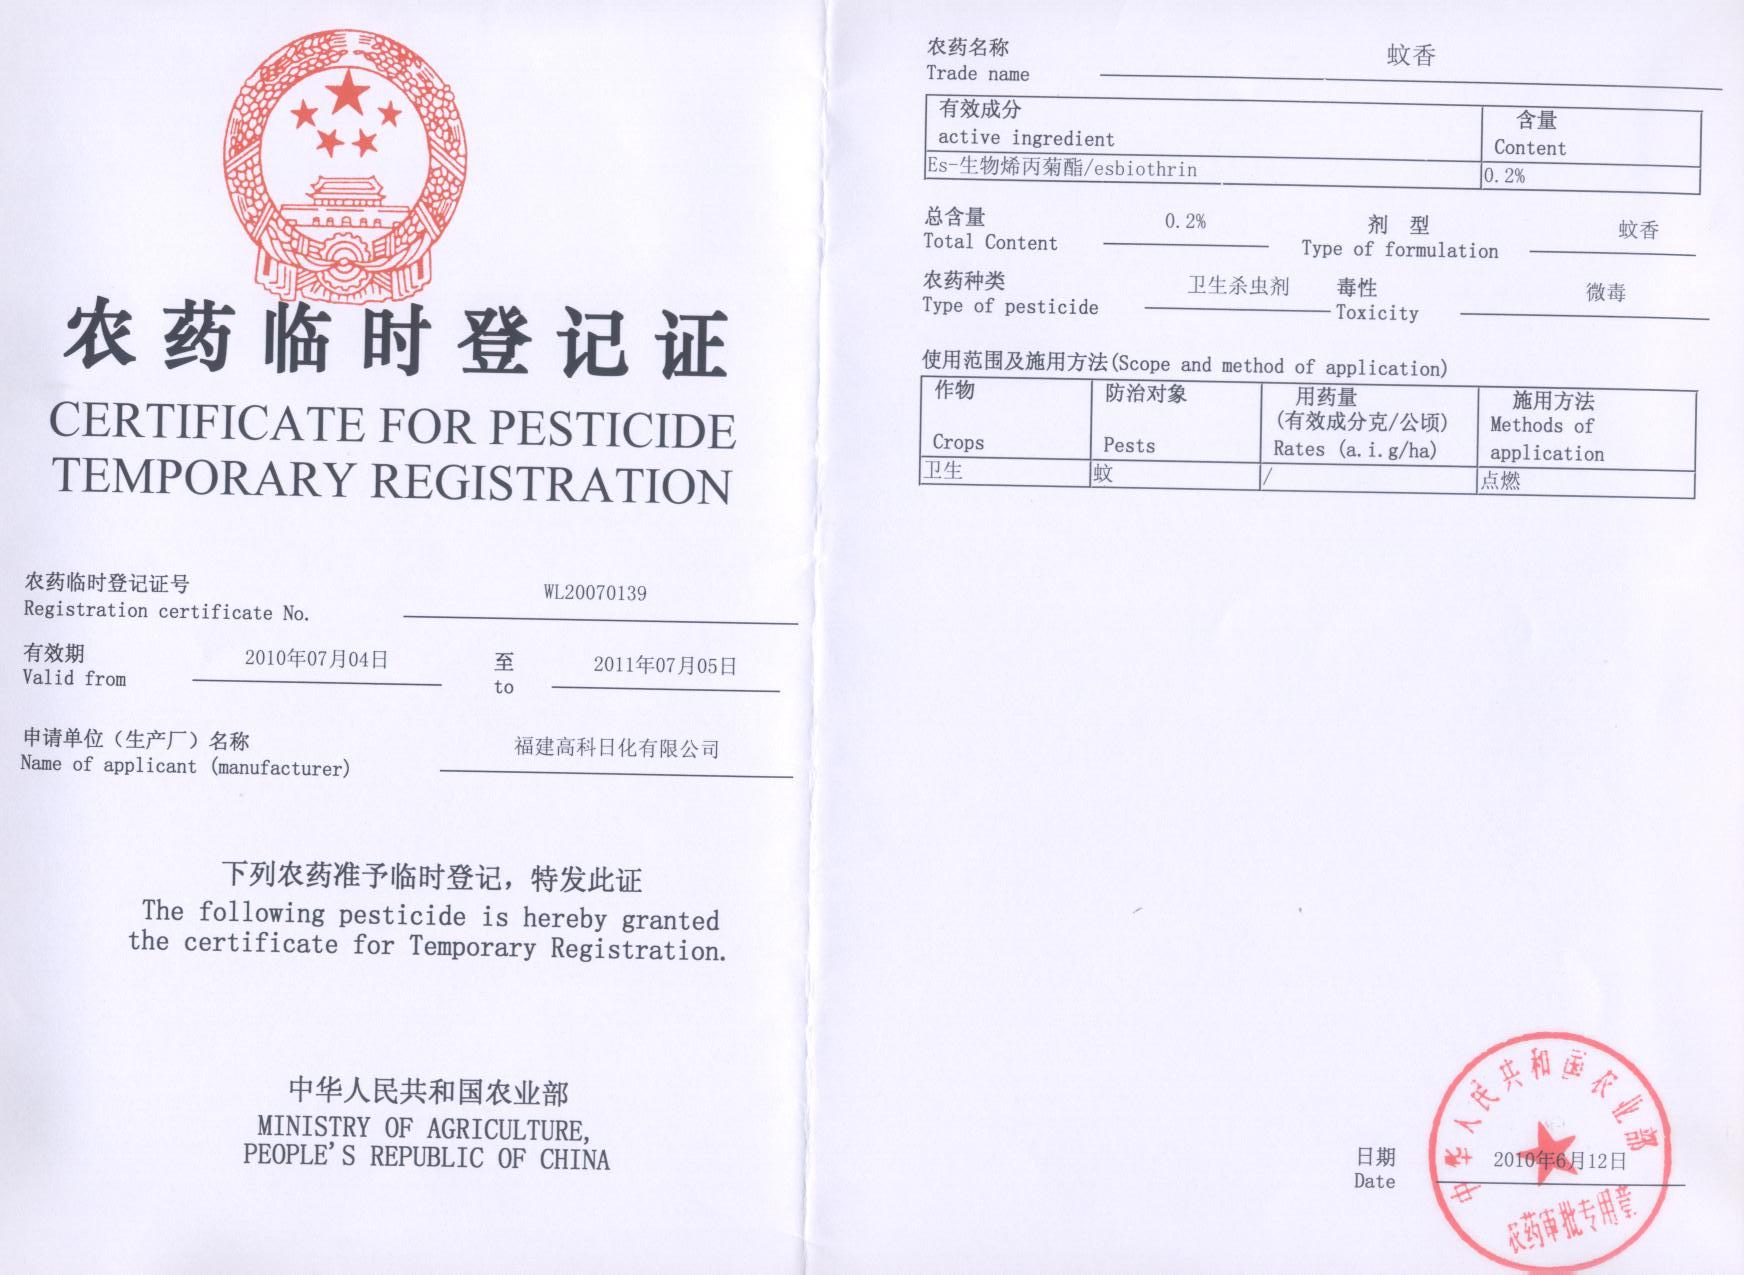 Certificate for Pesticide Temporary Registration